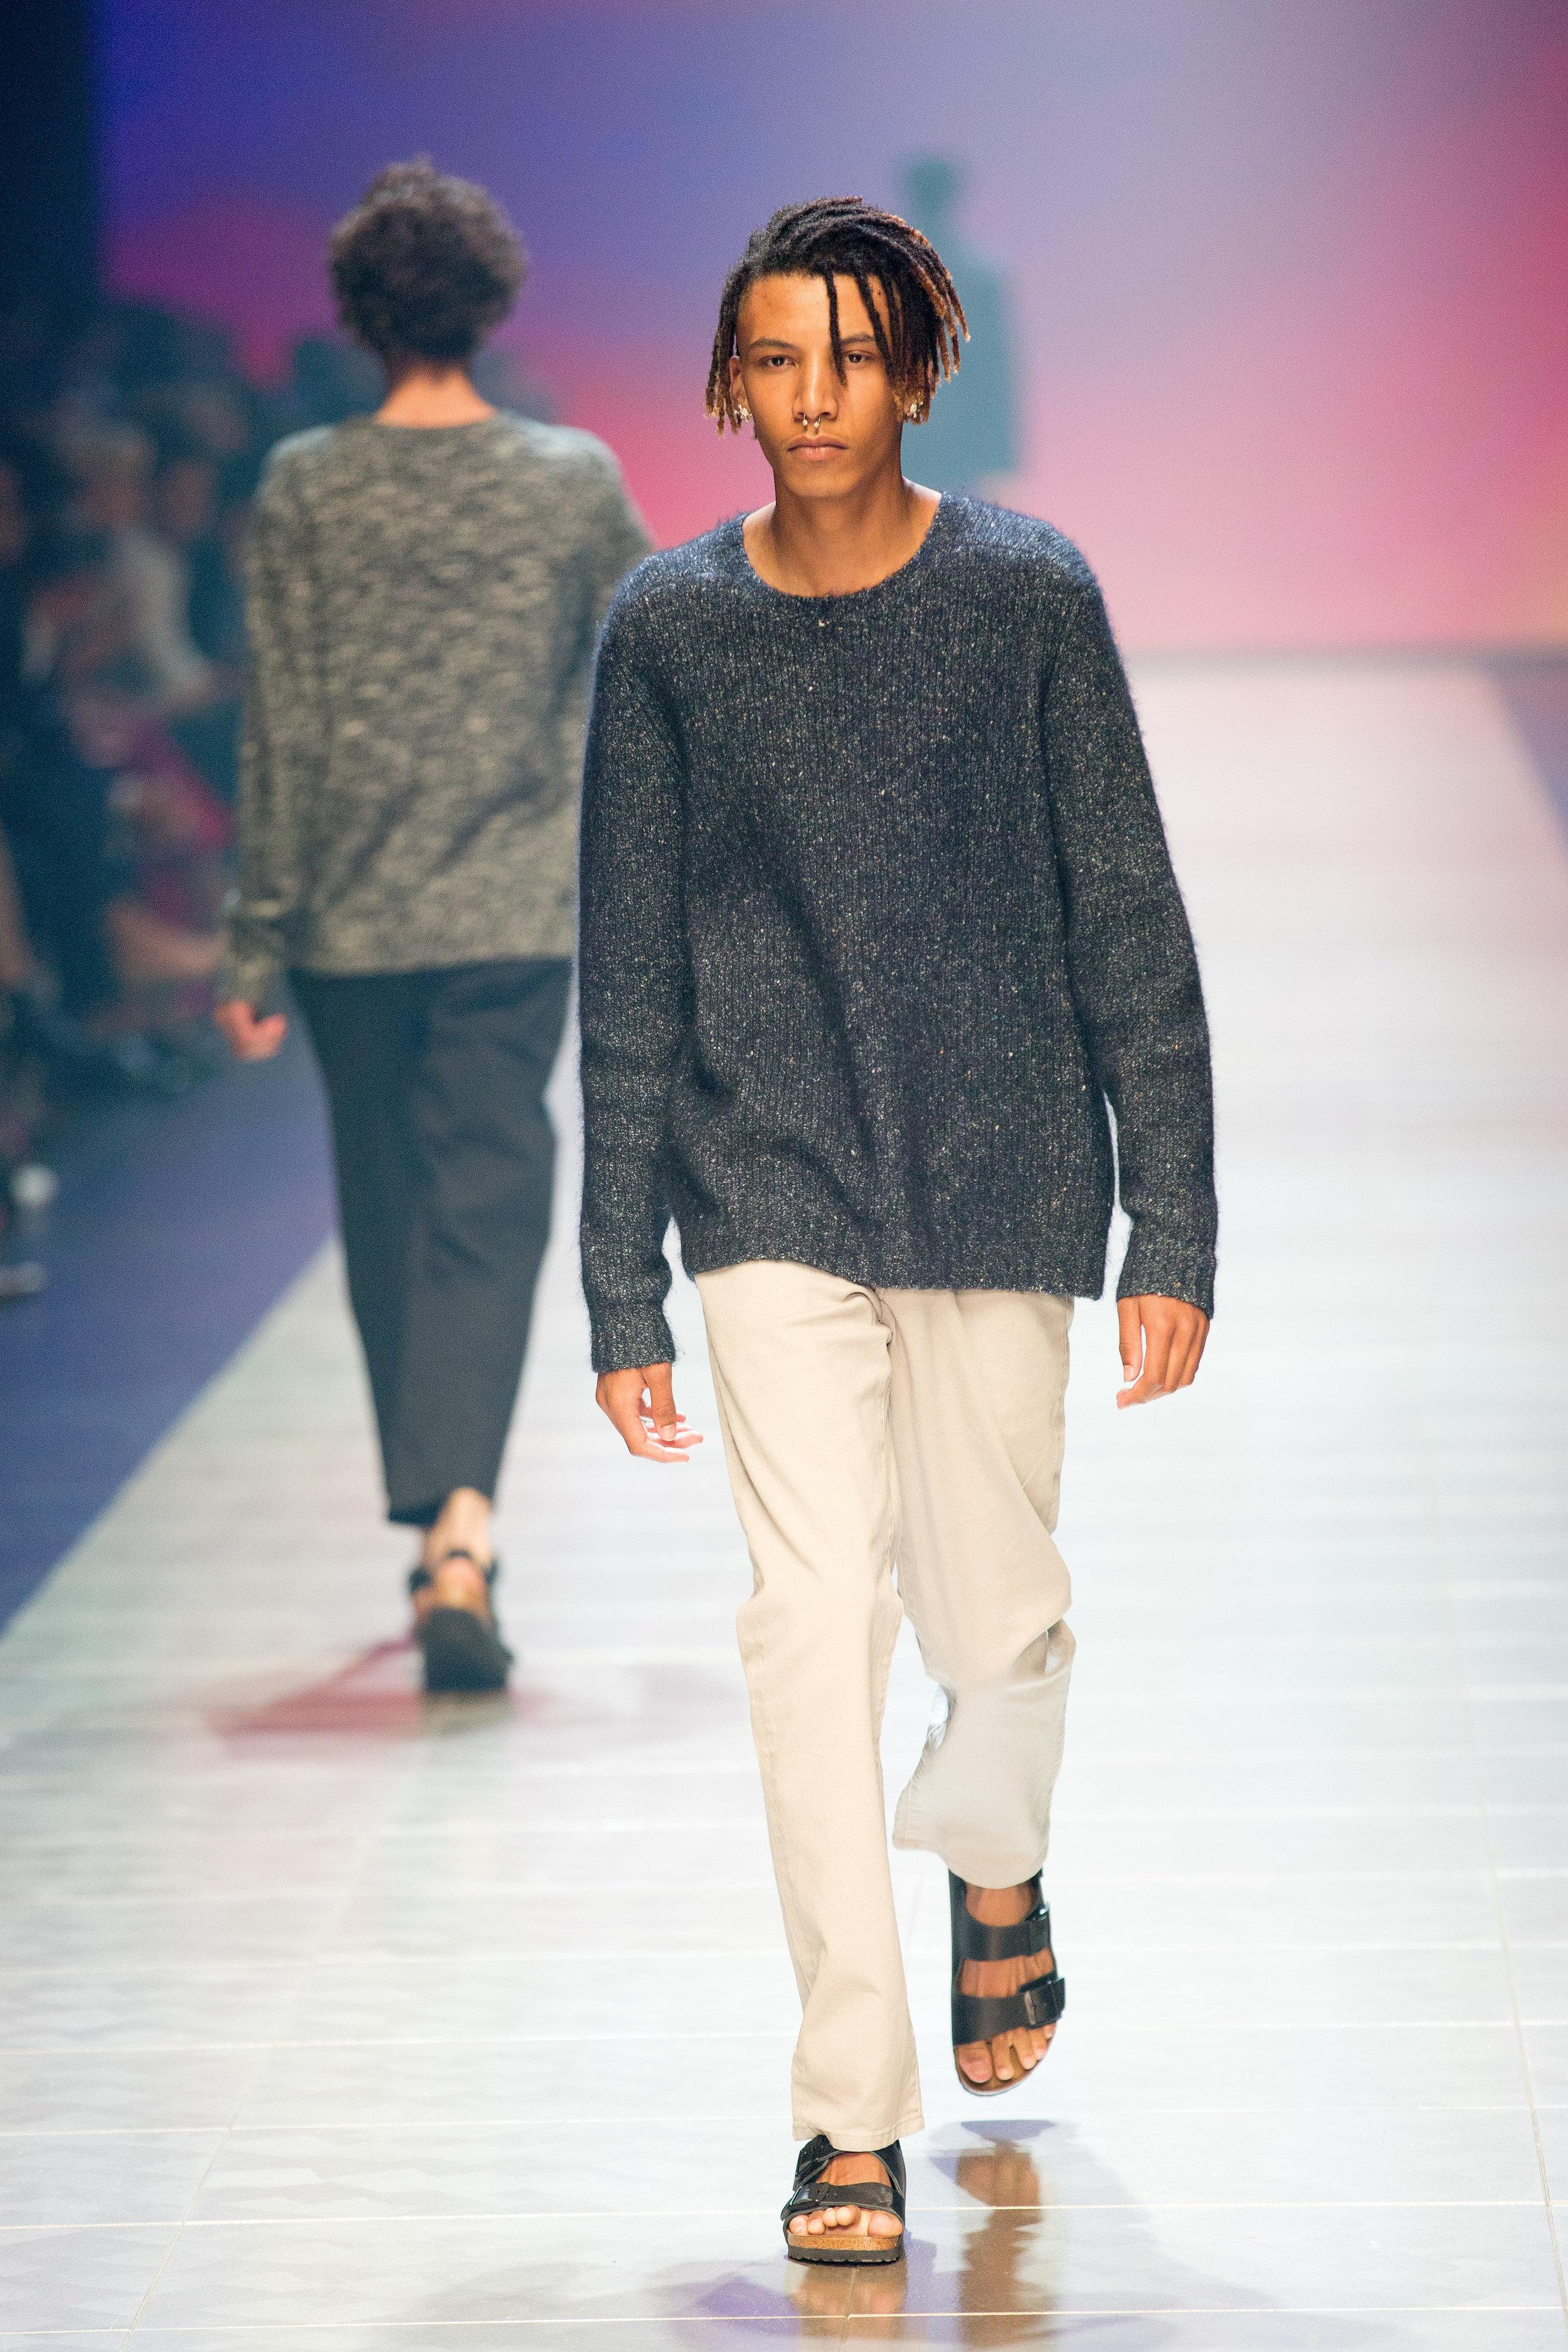 VAMFF2019_GQ Menswear-192.jpg